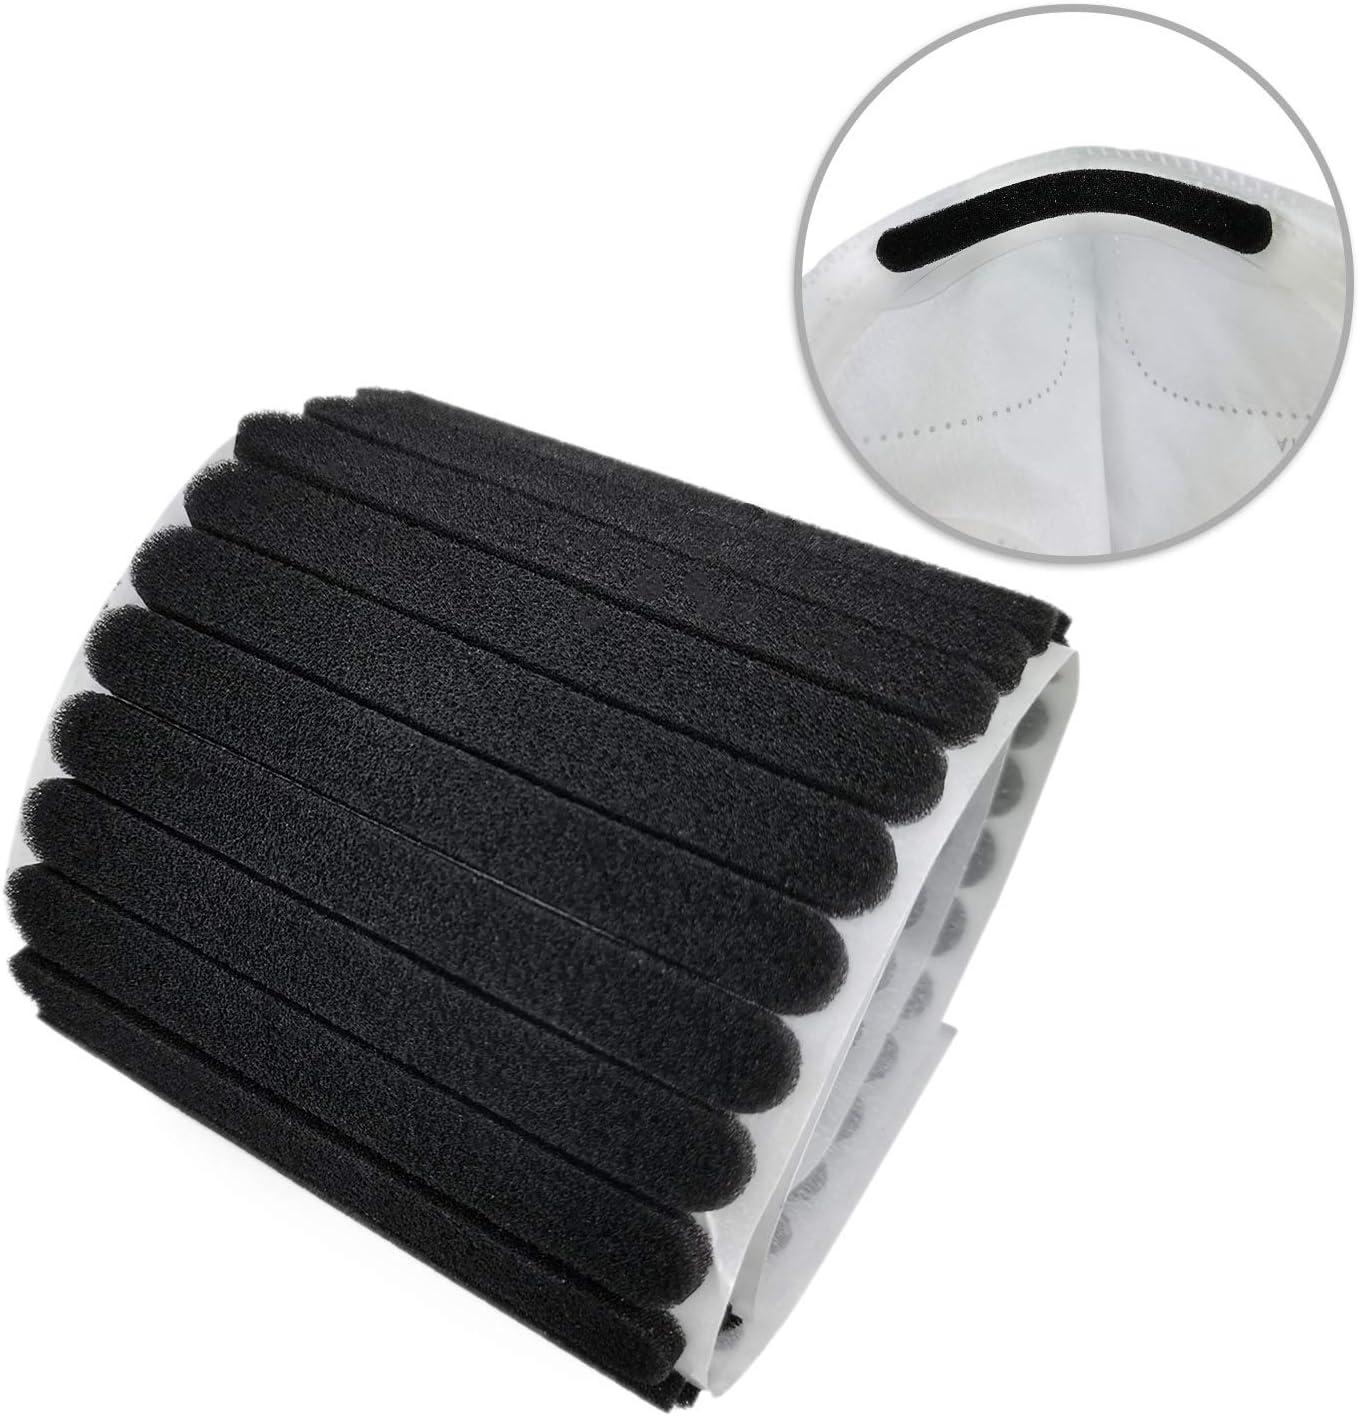 HUIJINTAO Almohadilla para puente de nariz, almohadilla antivaho para protección de banda para manualidades hechas a mano, costura con adhesivo en la parte posterior, negro